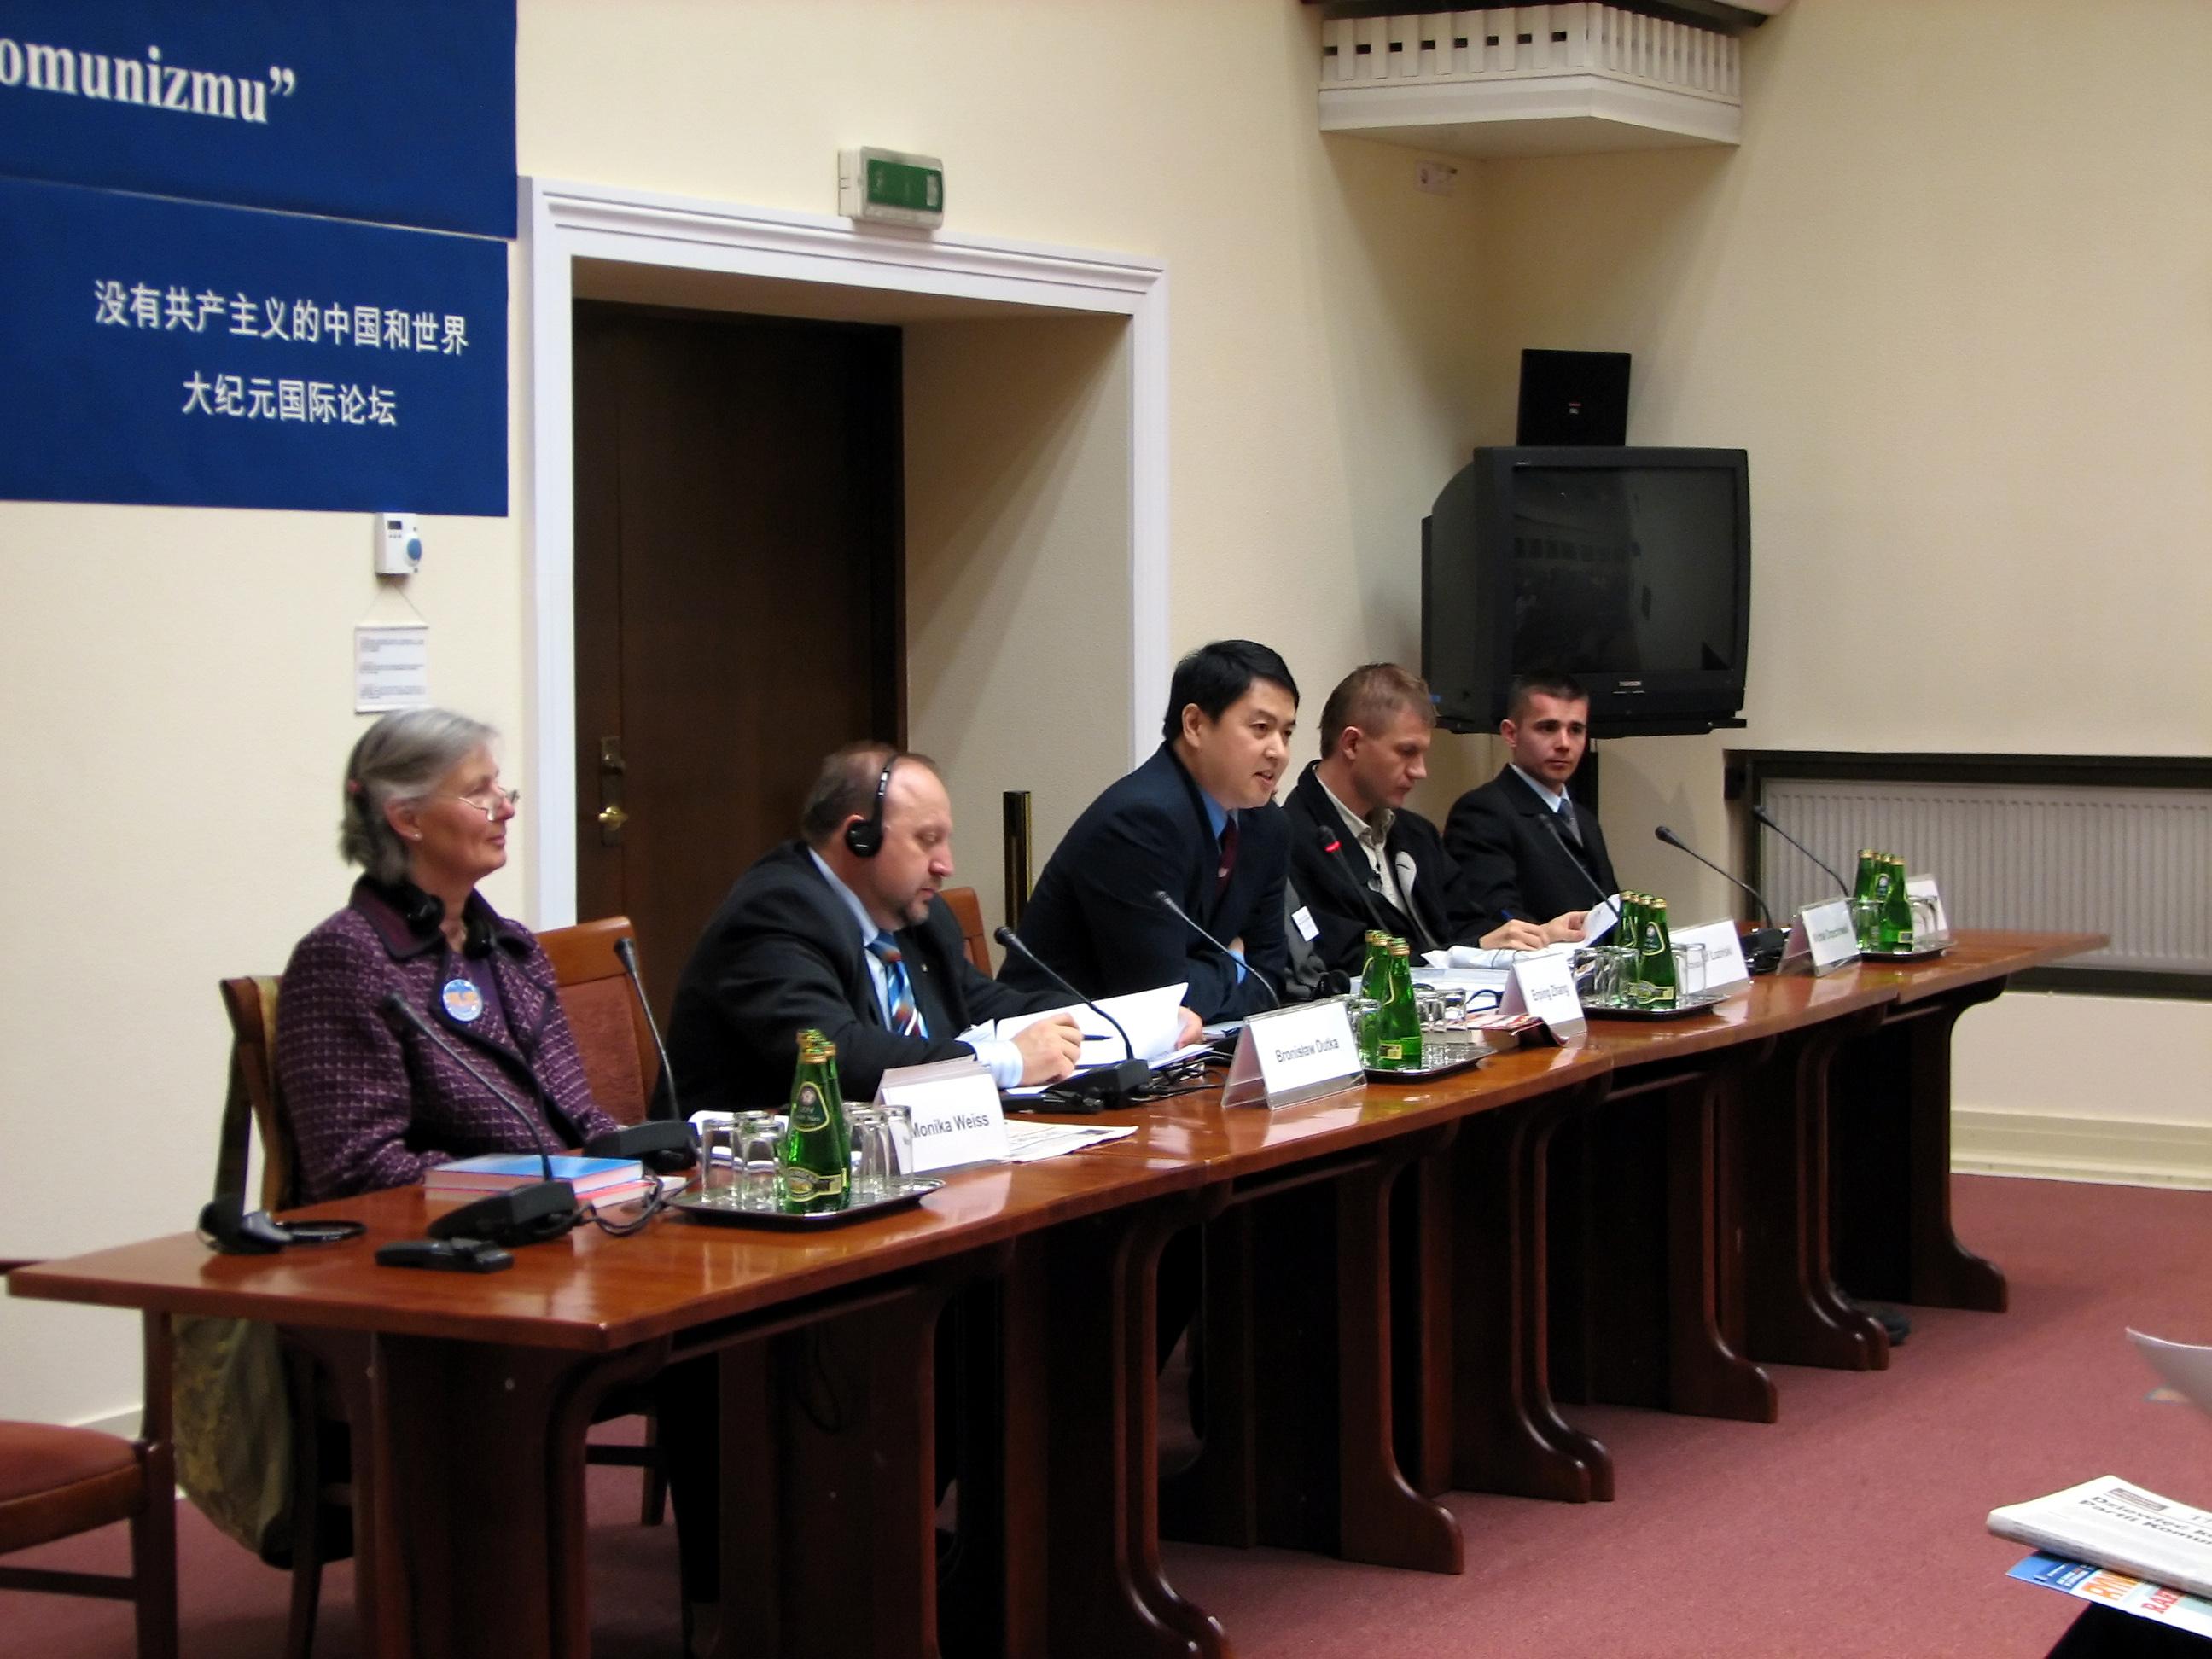 Seminar über Die Neun Kommentare im Haus des Polnischen Parlaments